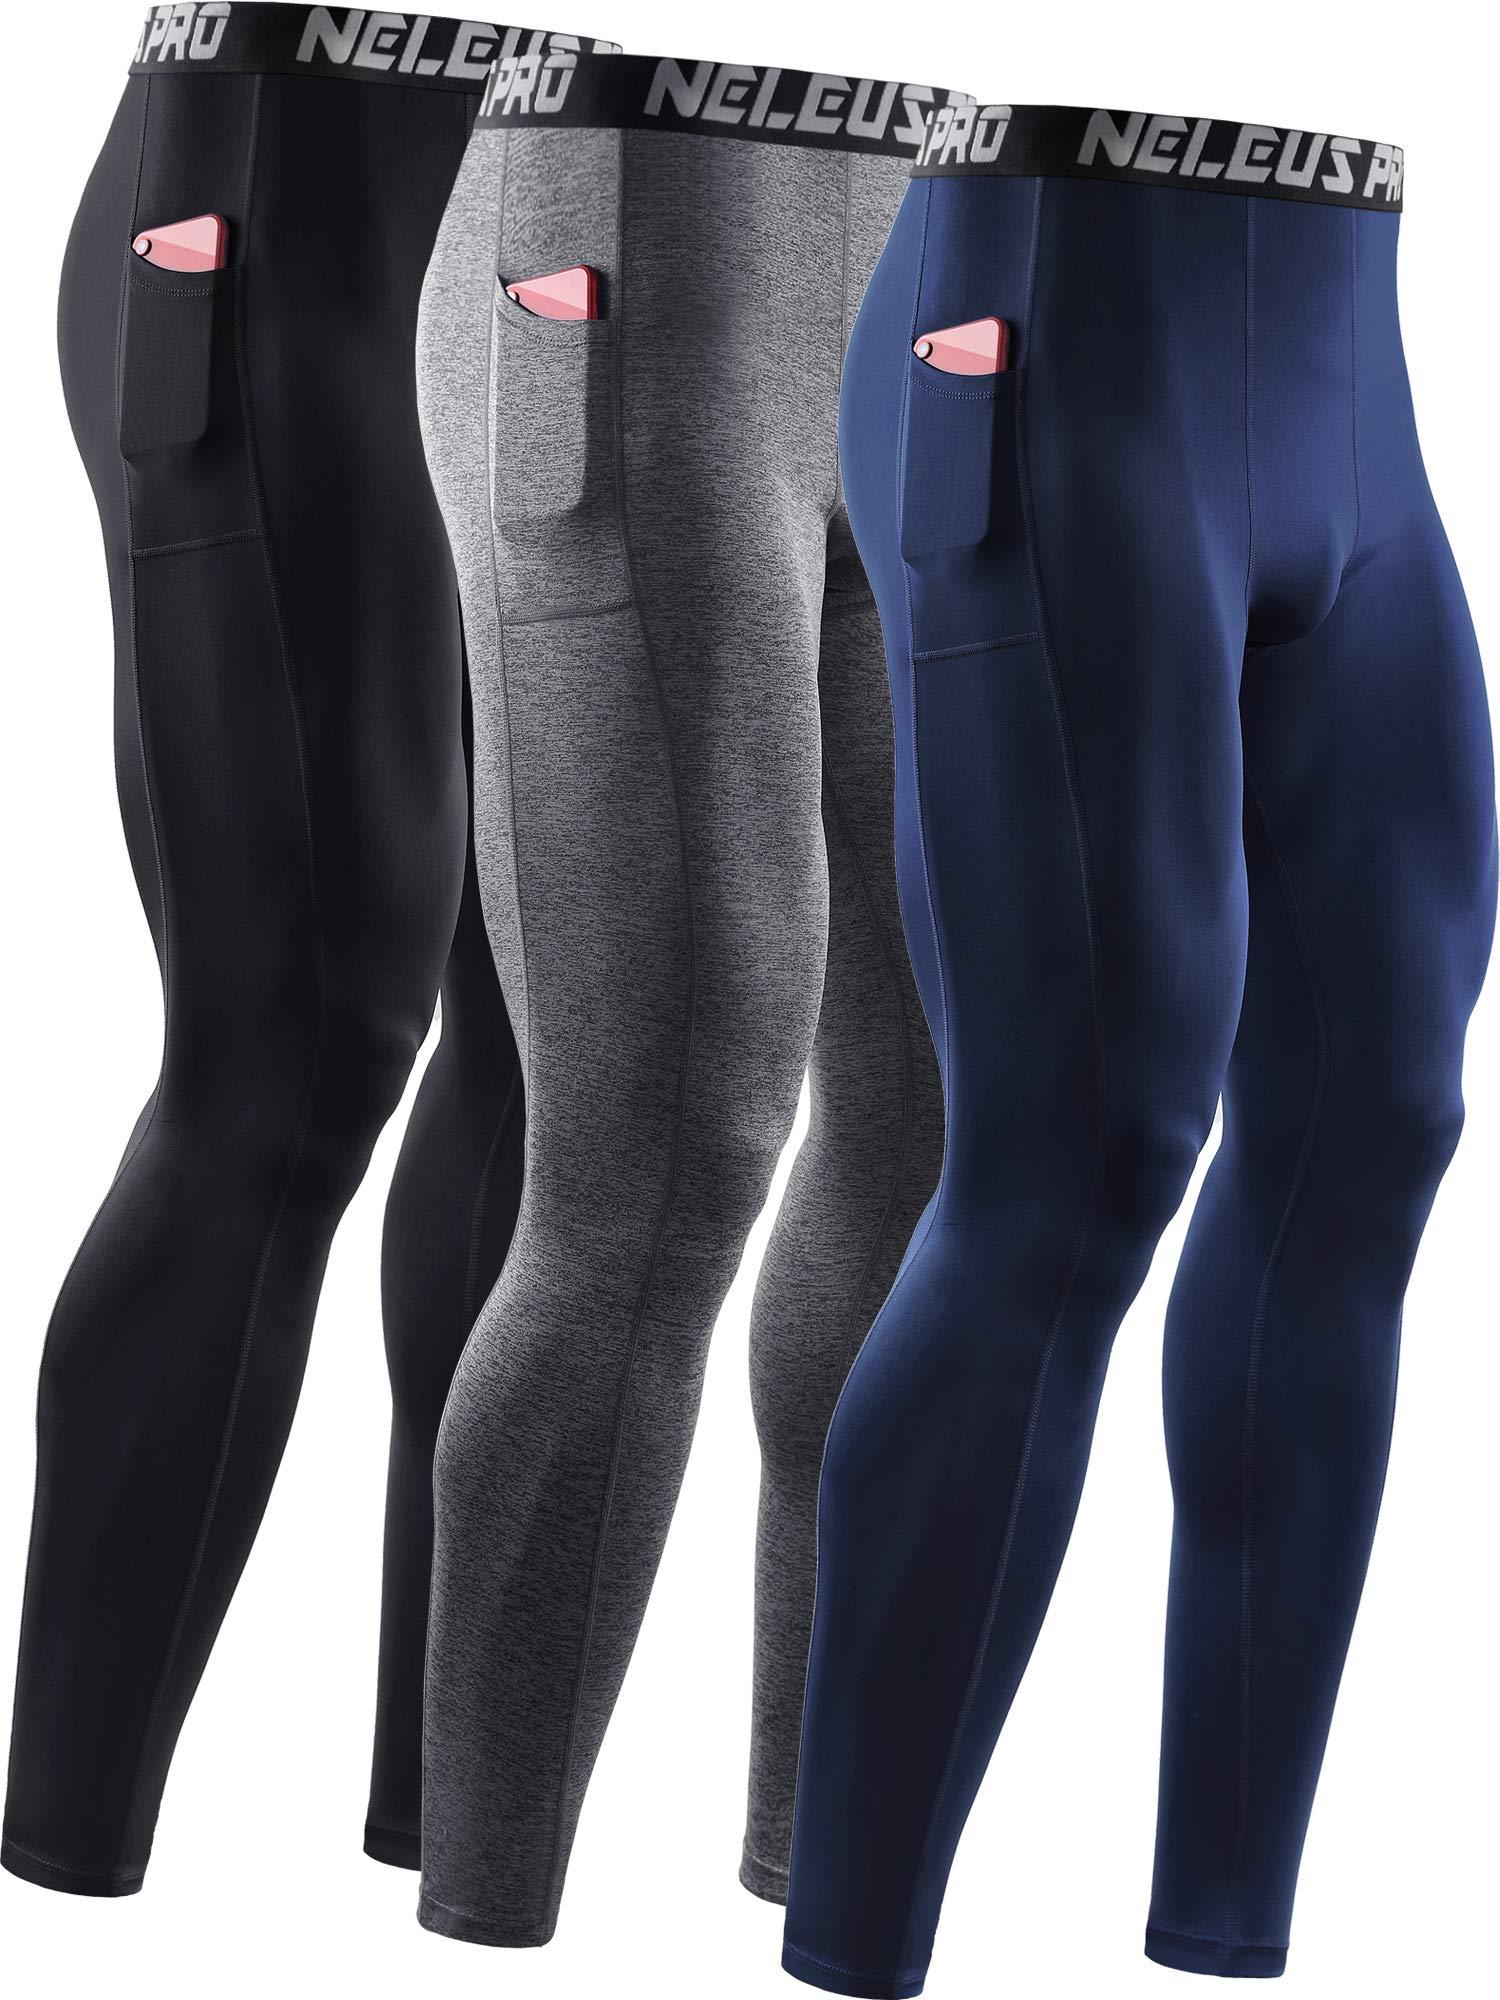 Neleus Men's 3 Pack Dry Fit Compression Pants